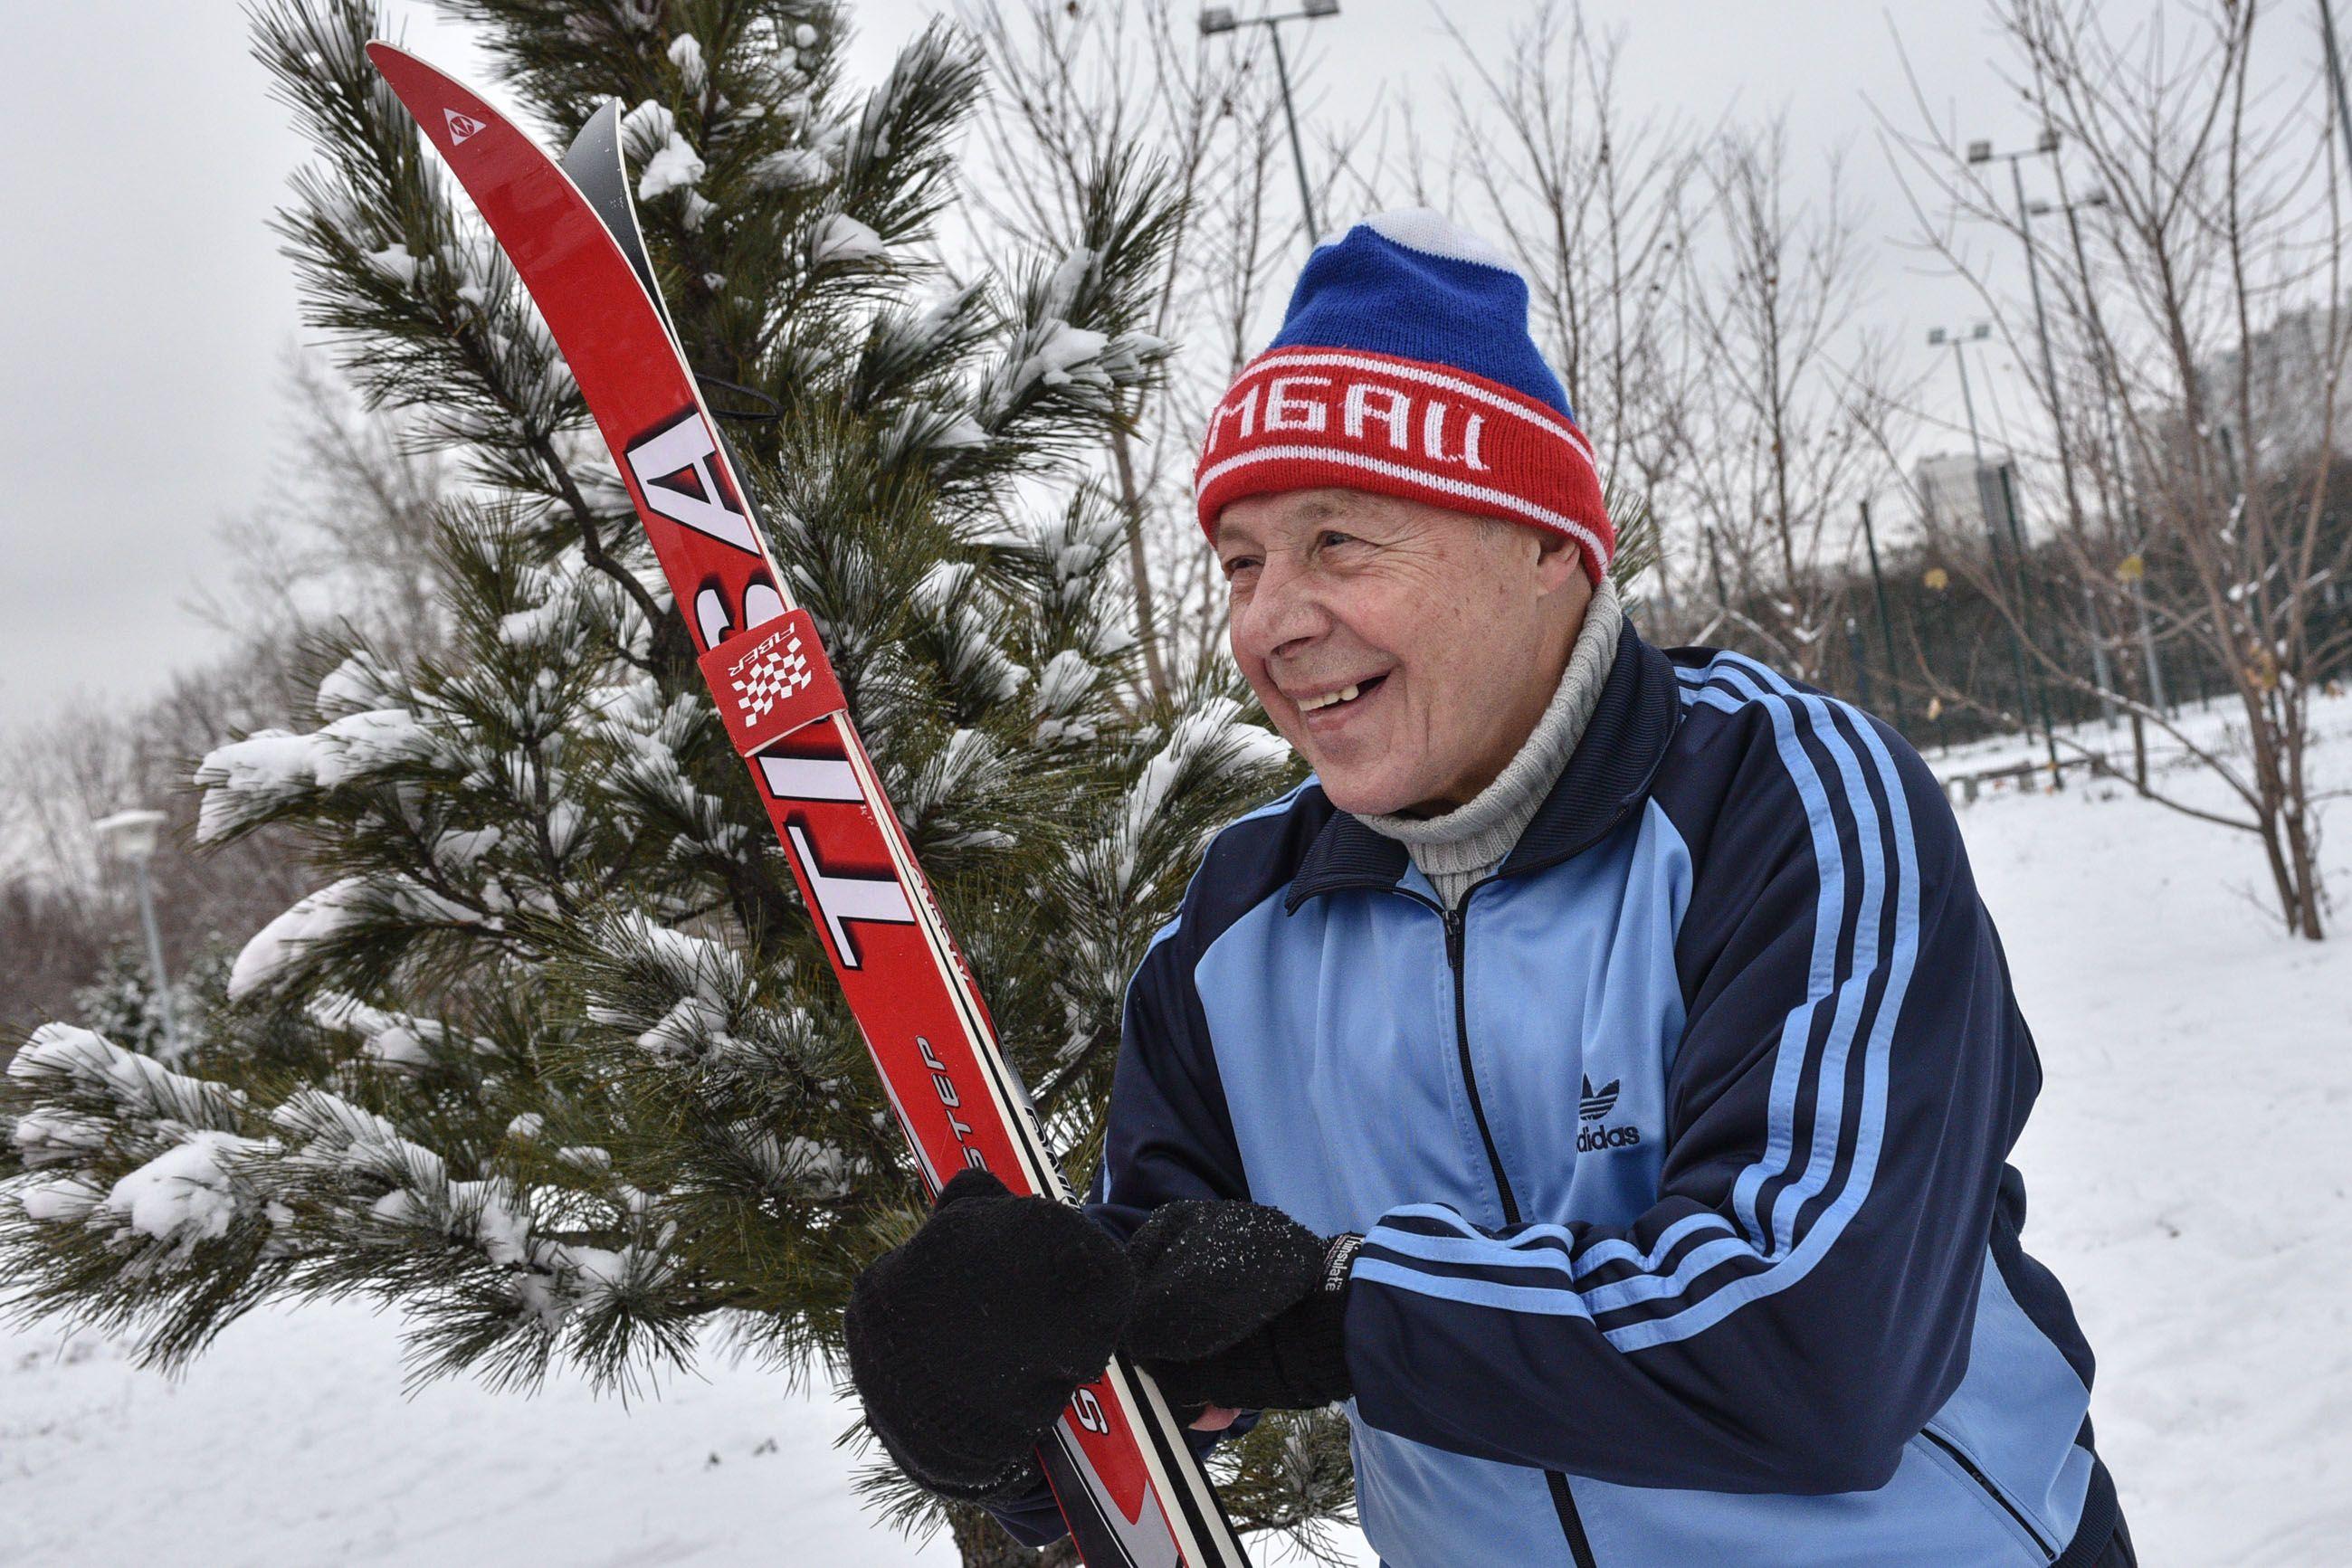 Участники «Московского долголетия» получили карту лыжных трасс и катков